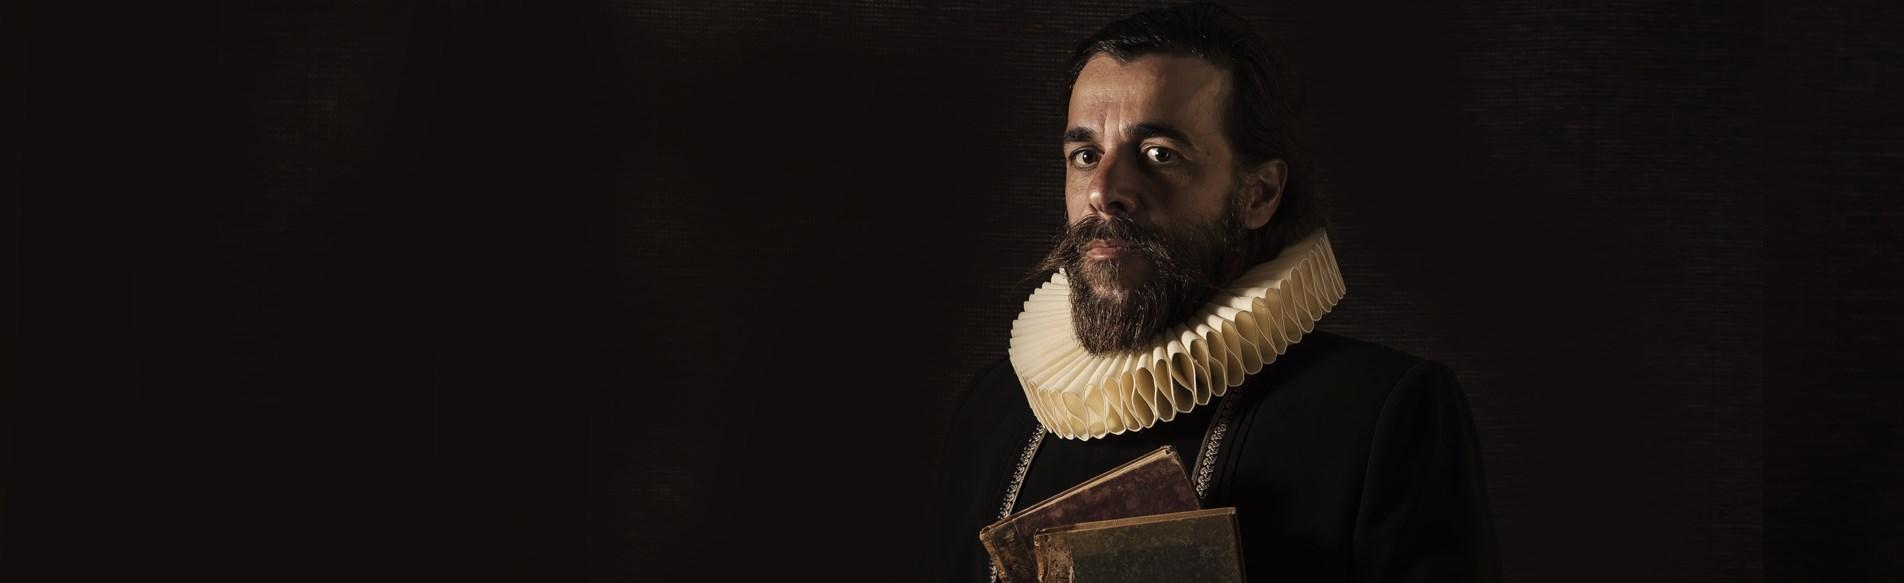 שייקספיר פינת אלטון ג'ון